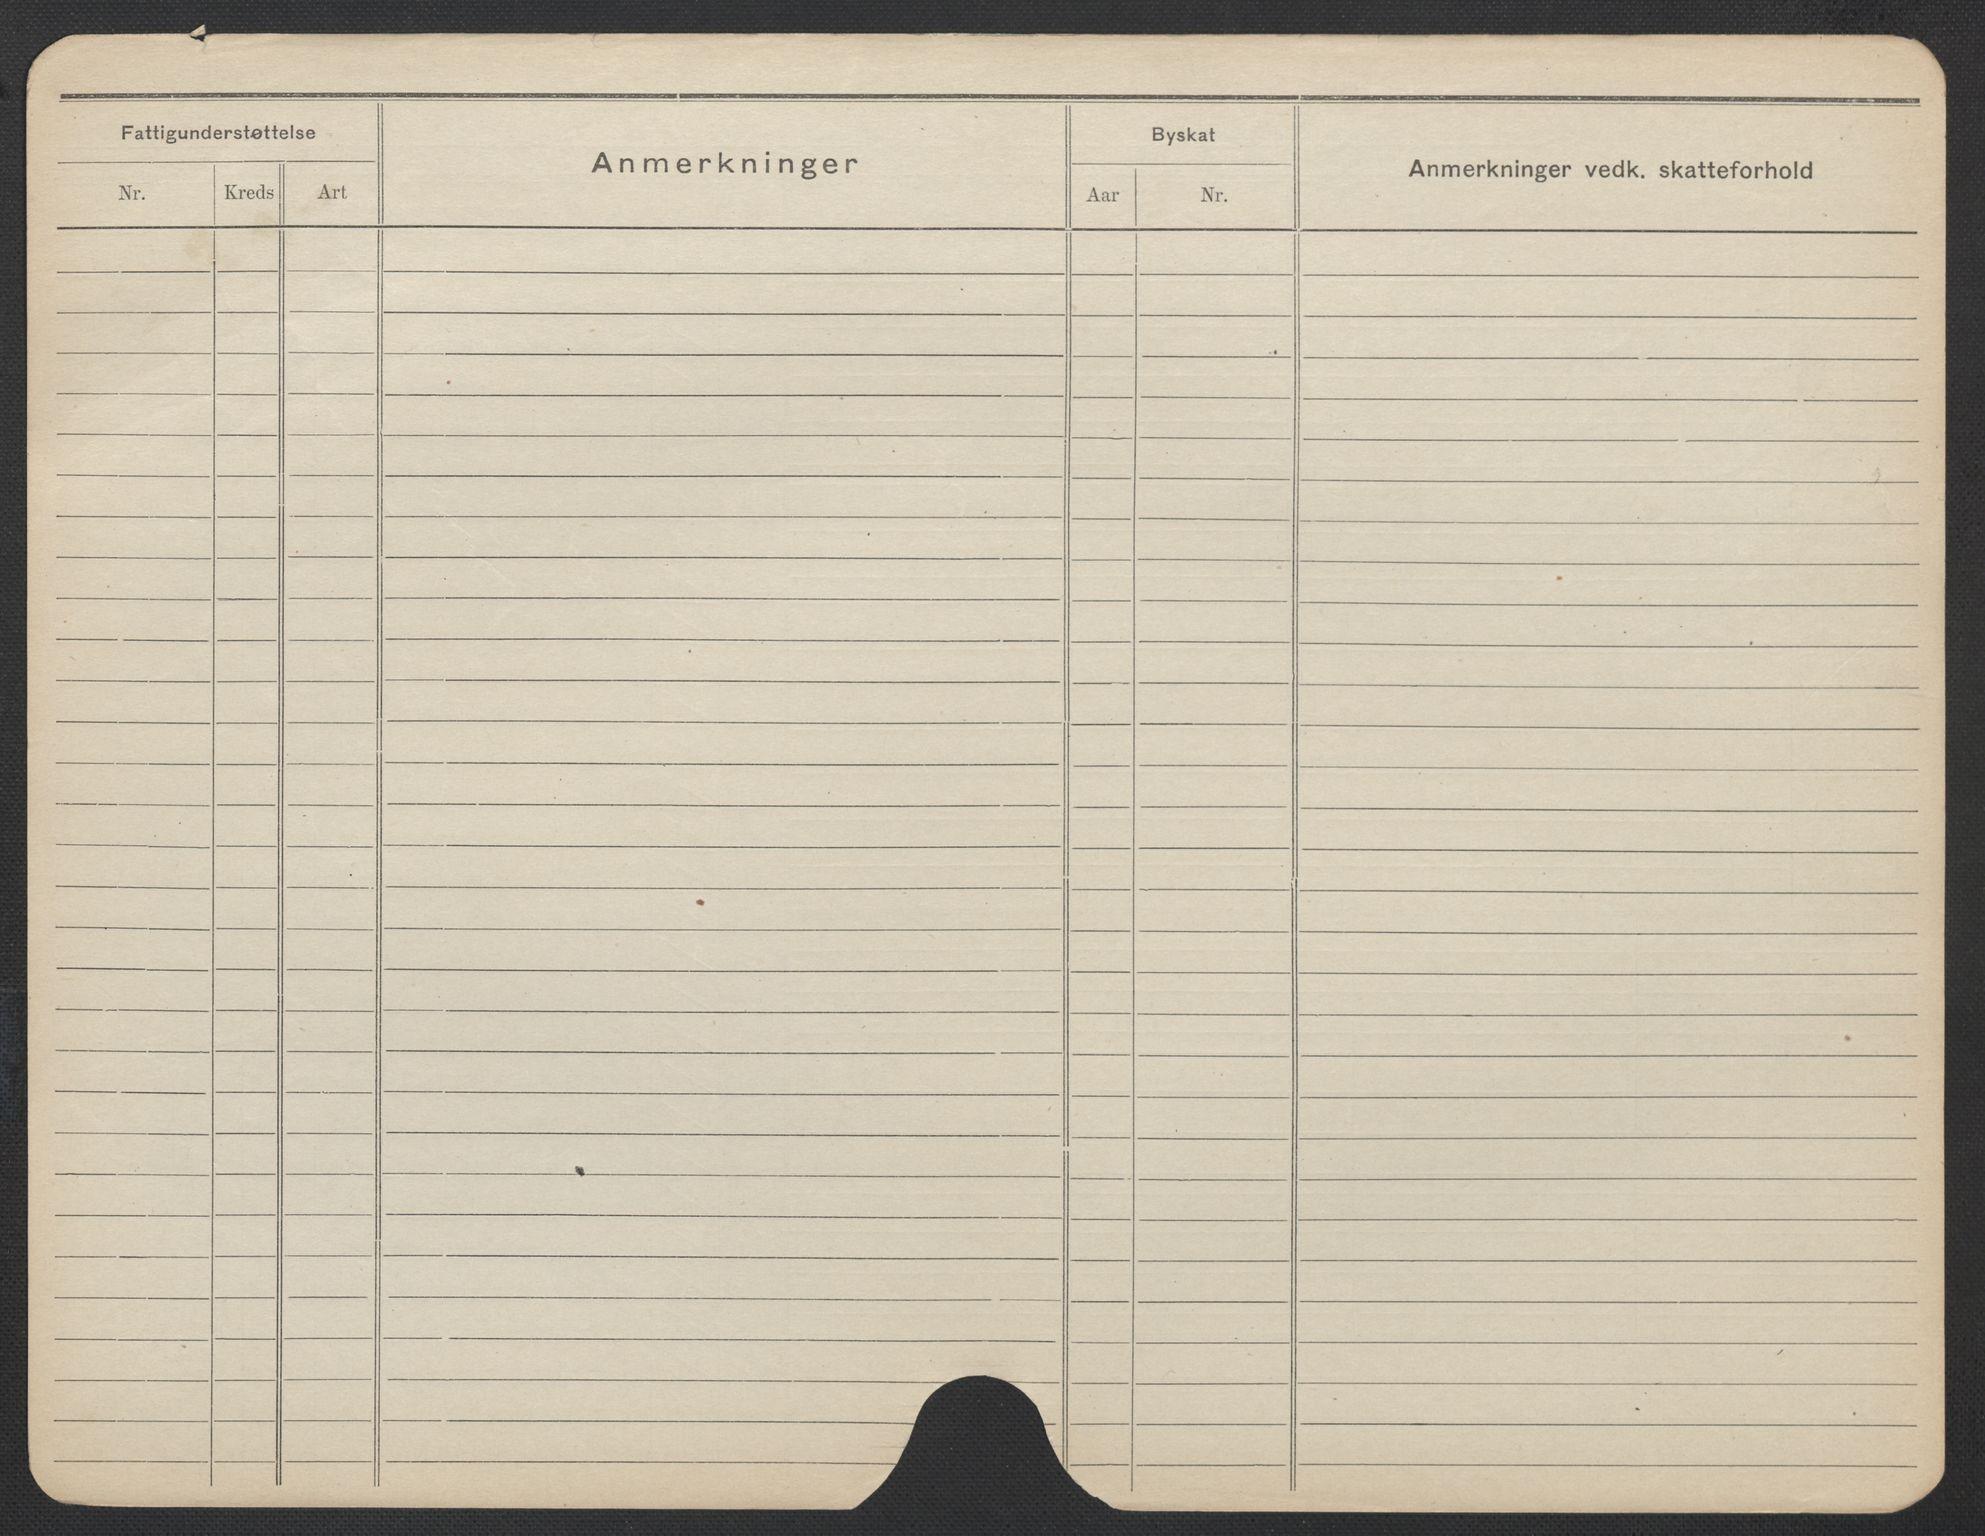 SAO, Oslo folkeregister, Registerkort, F/Fa/Fac/L0019: Kvinner, 1906-1914, s. 1175b